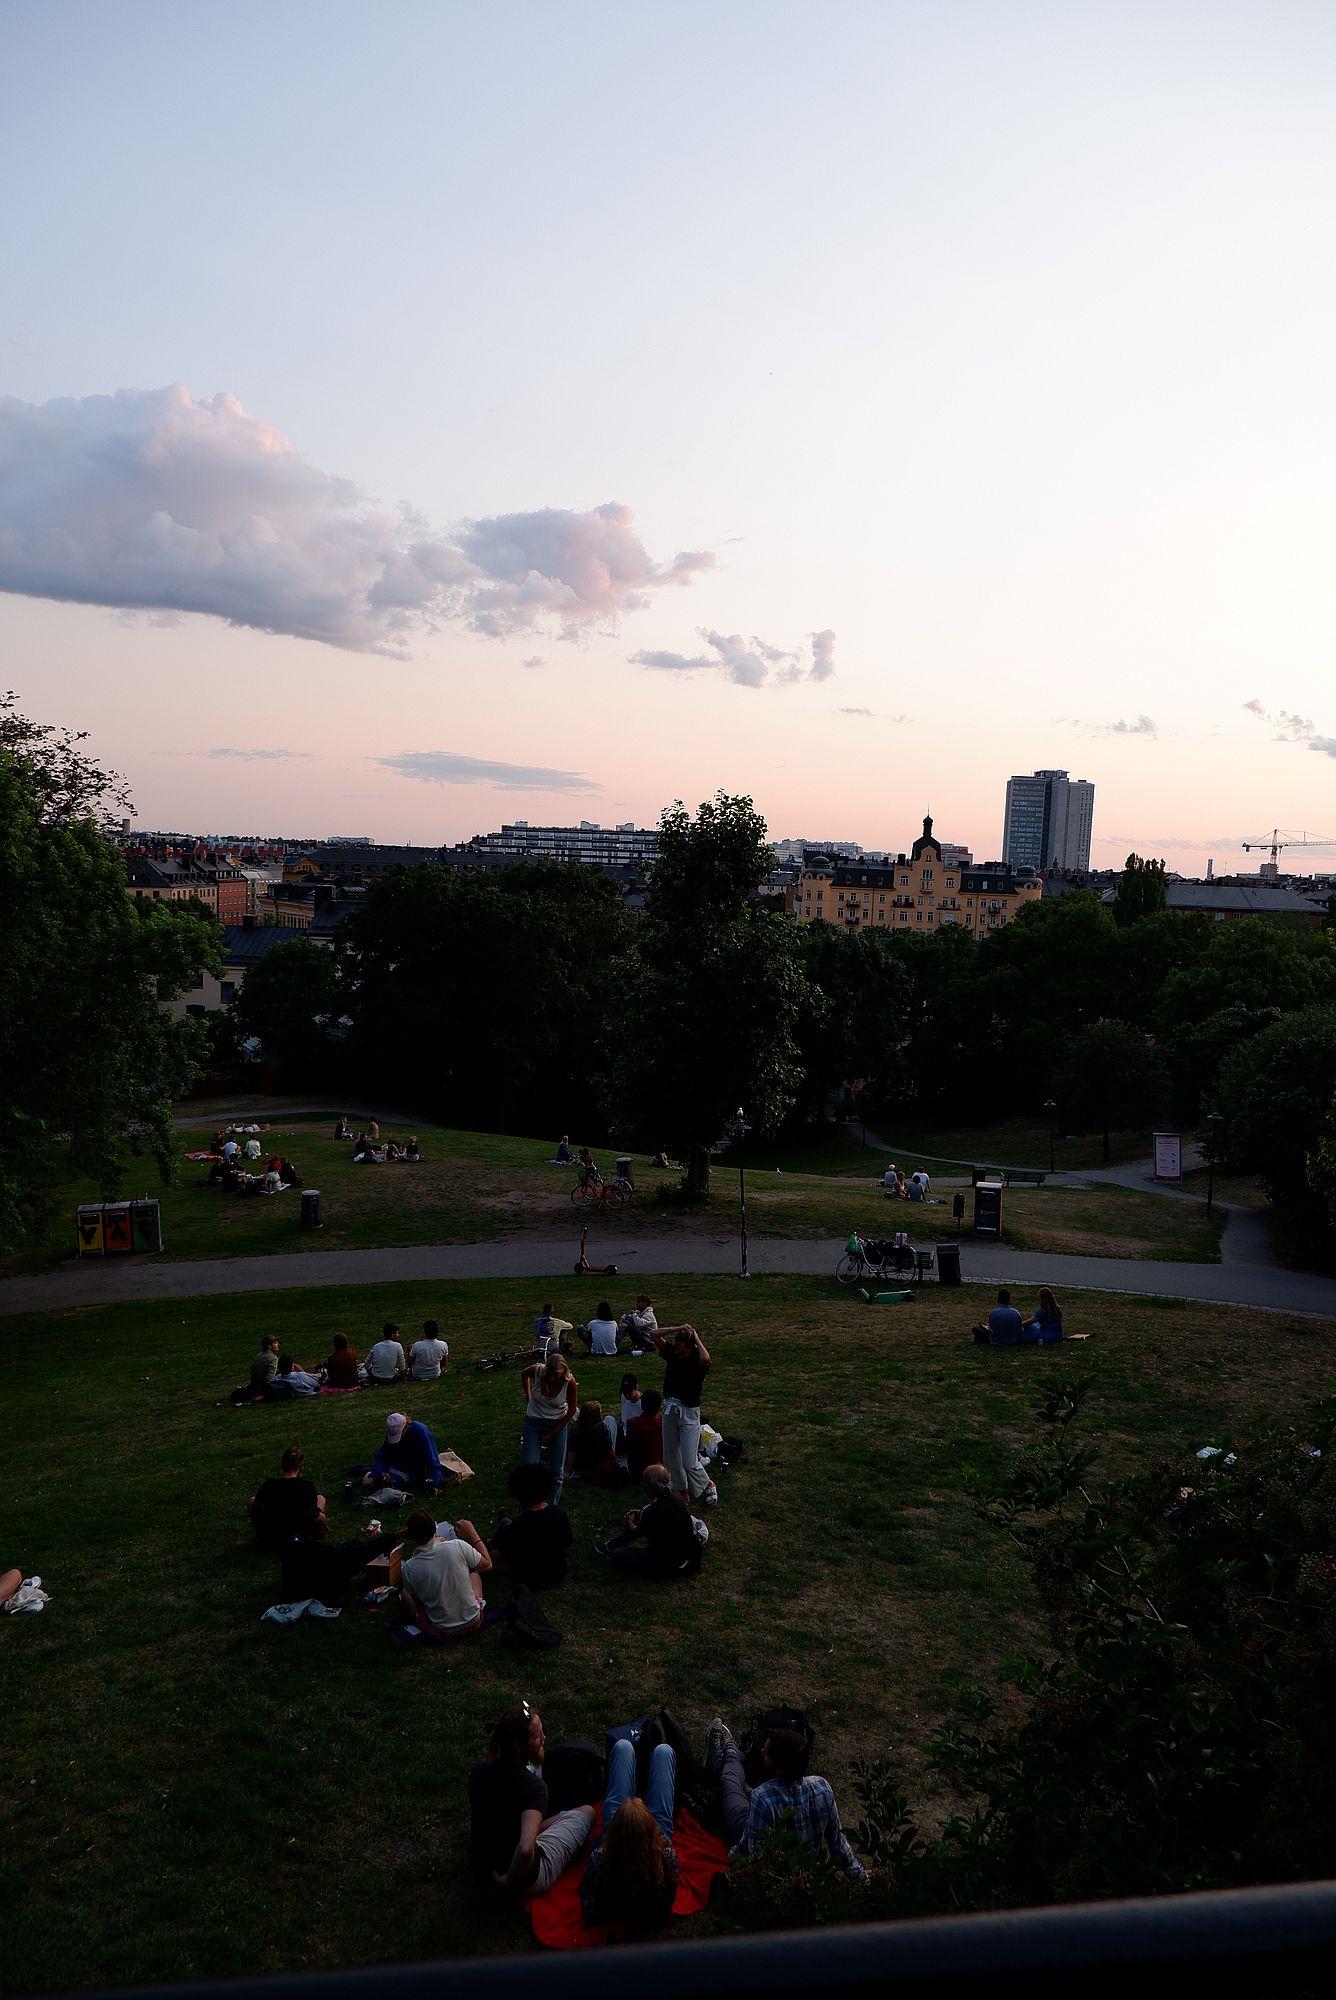 des groupes de personnes assises ou allongées dans l'herbe, le soir à Stockholm.